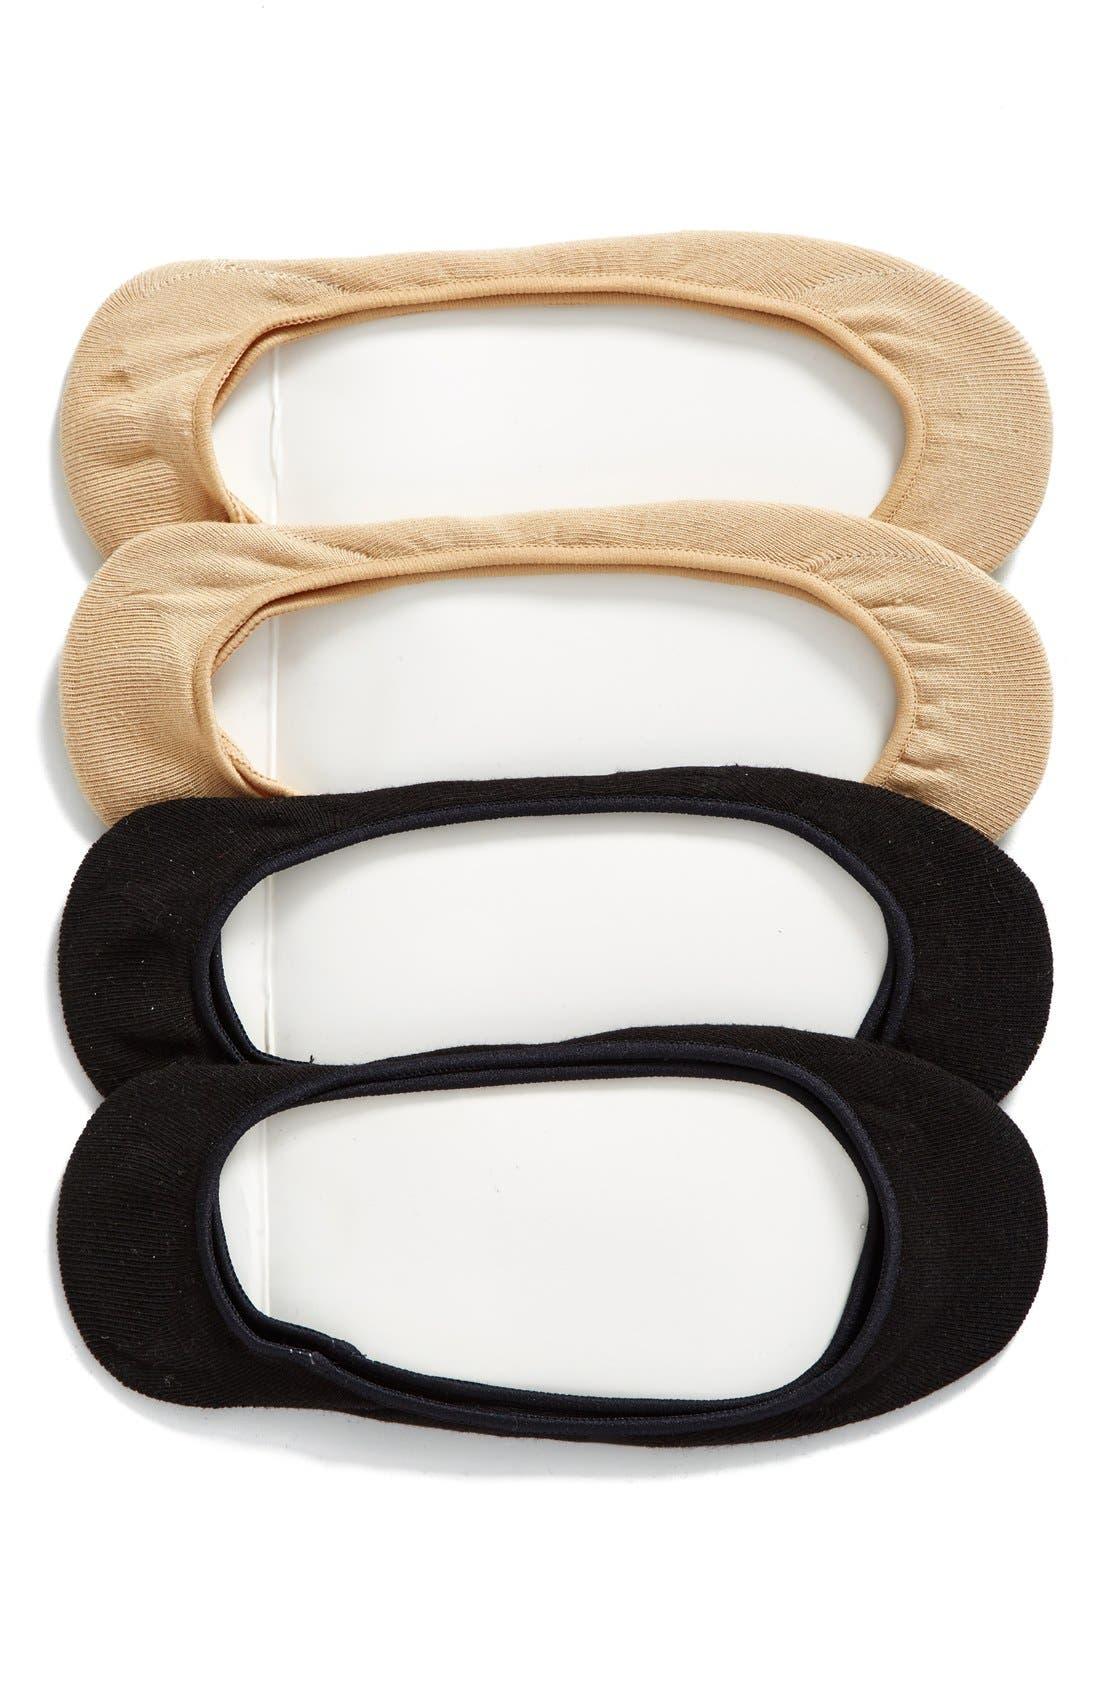 4-Pack Liner Socks,                         Main,                         color, ASSORTED PACK